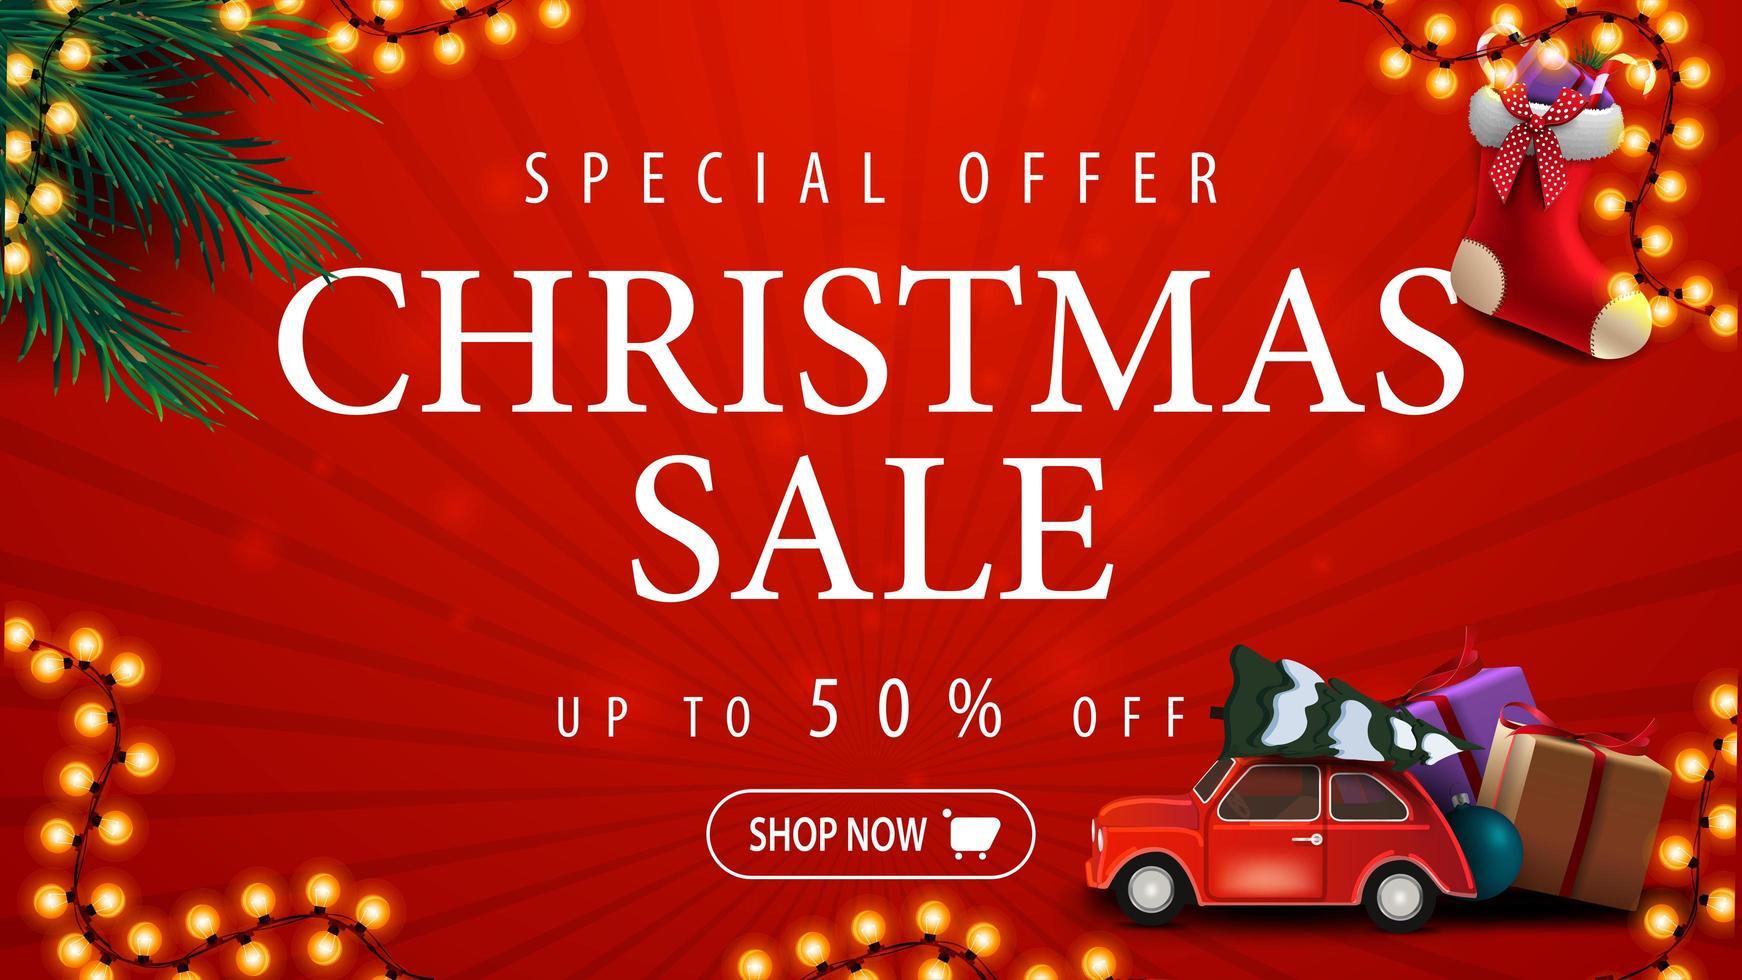 Sonderangebot, Weihnachtsverkauf, bis zu 50 Rabatt, rotes Rabatt-Banner mit Girlande, Weihnachtsbaumzweigen, Weihnachtsstrümpfen und rotem Oldtimer mit Weihnachtsbaum vektor